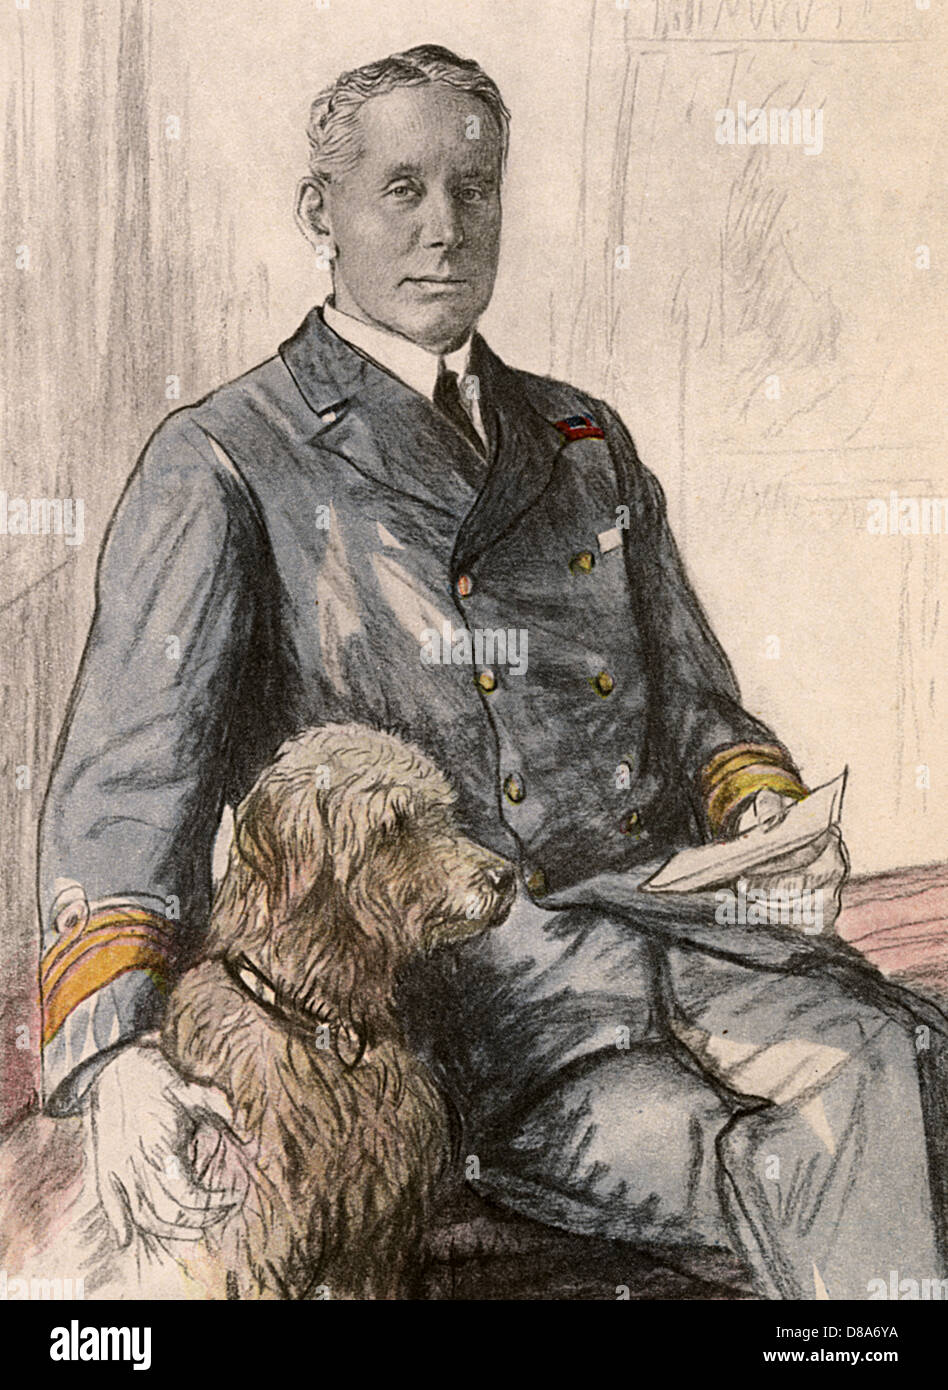 Sir Hugh Evan Thomas - Stock Image